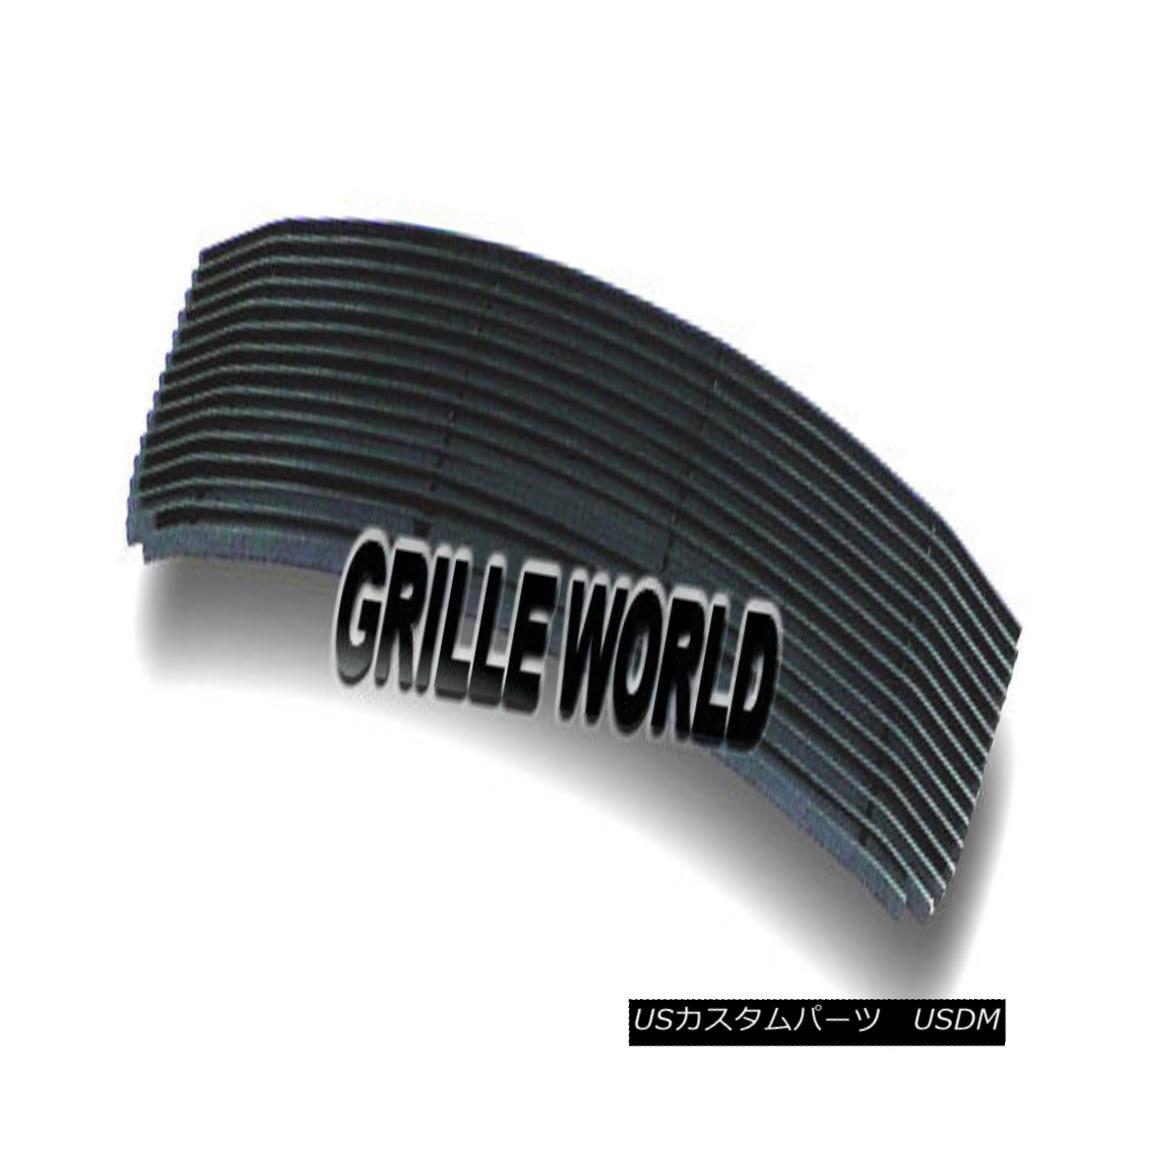 グリル For 06-09 Ford Fusion Bumper Black Billet Premium Grille Insert 06-09フォードフュージョンバンパーブラックビレットプレミアムグリルインサート